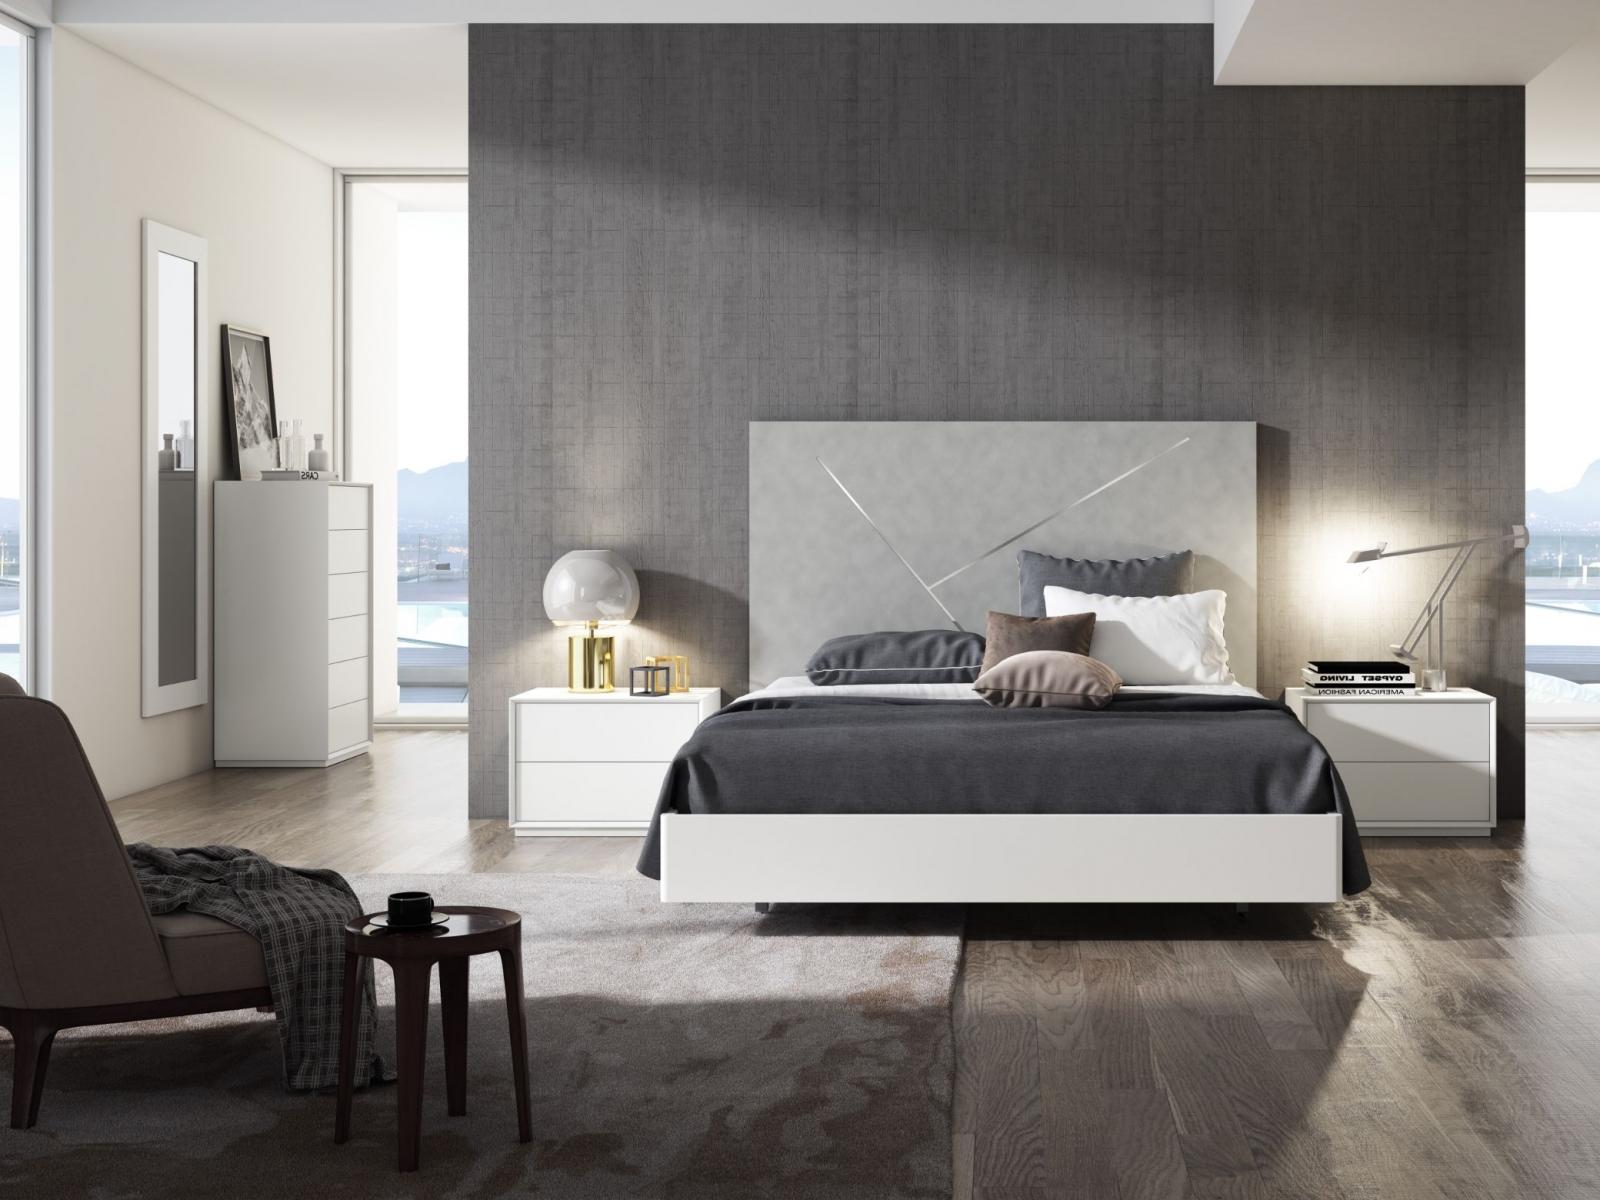 Conjunto de Dormitorio MINIMAL-5 - Conjunto de Dormitorio MINIMAL-5